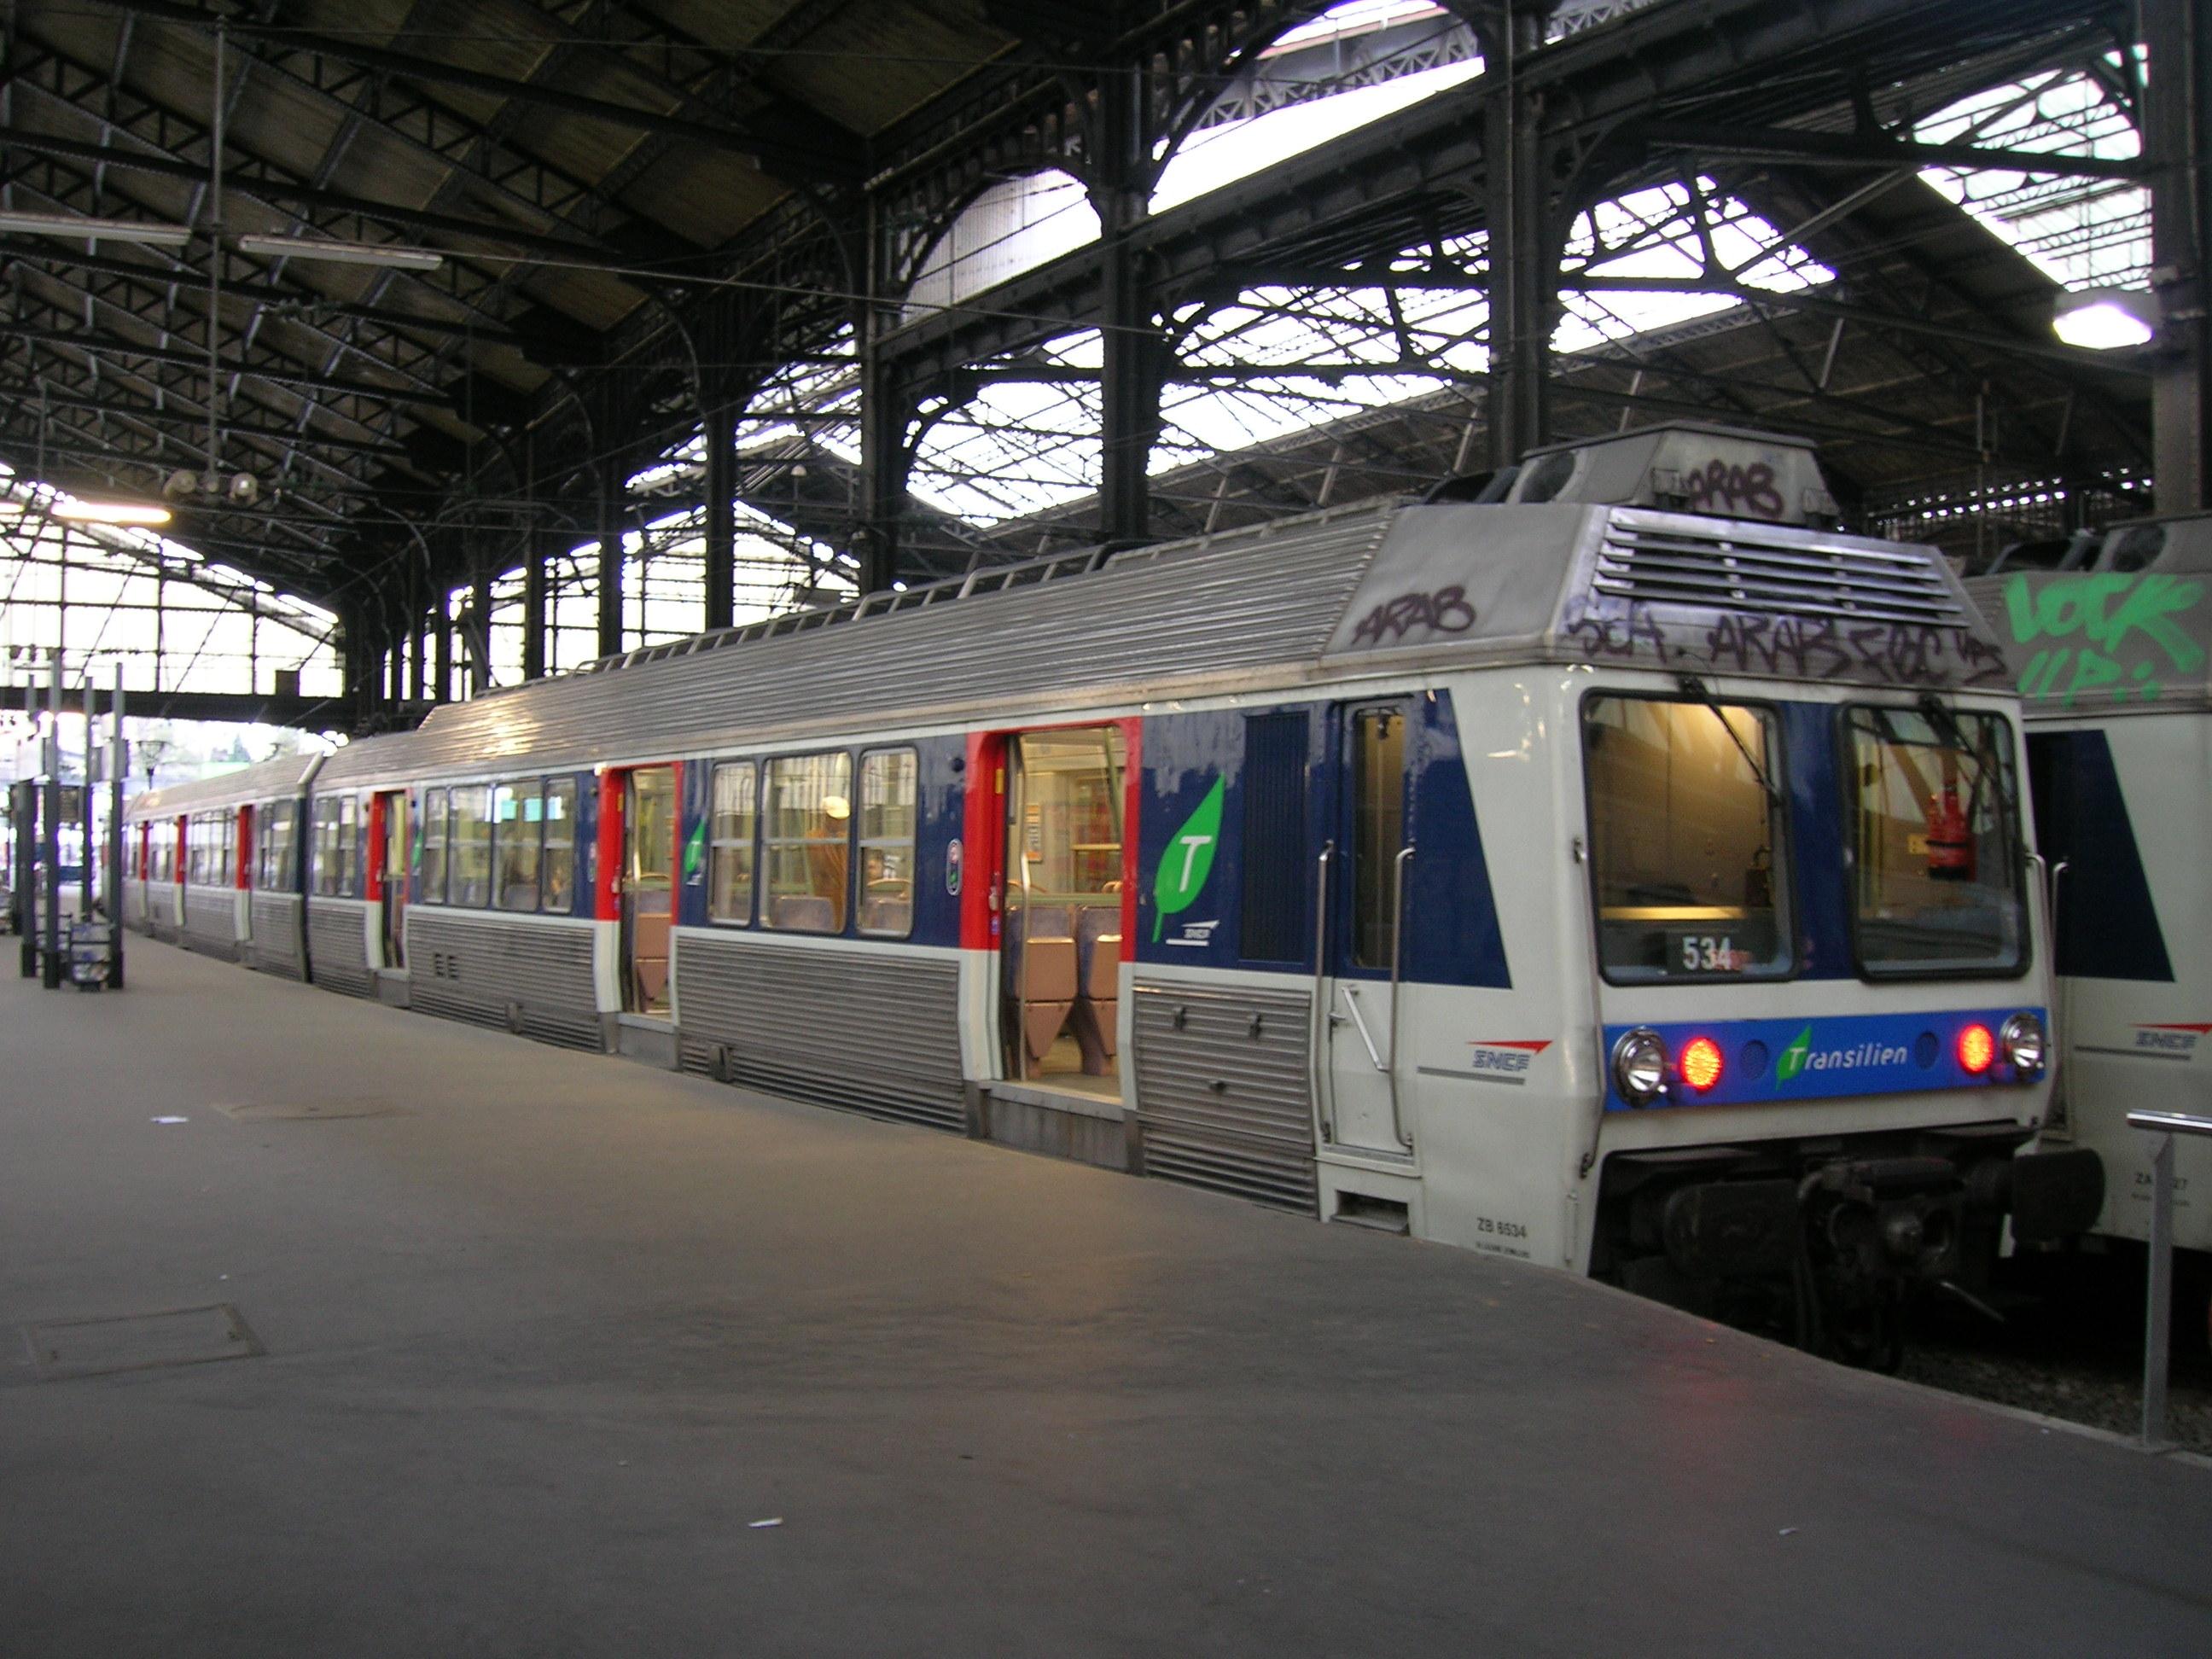 Transilien der SNCF